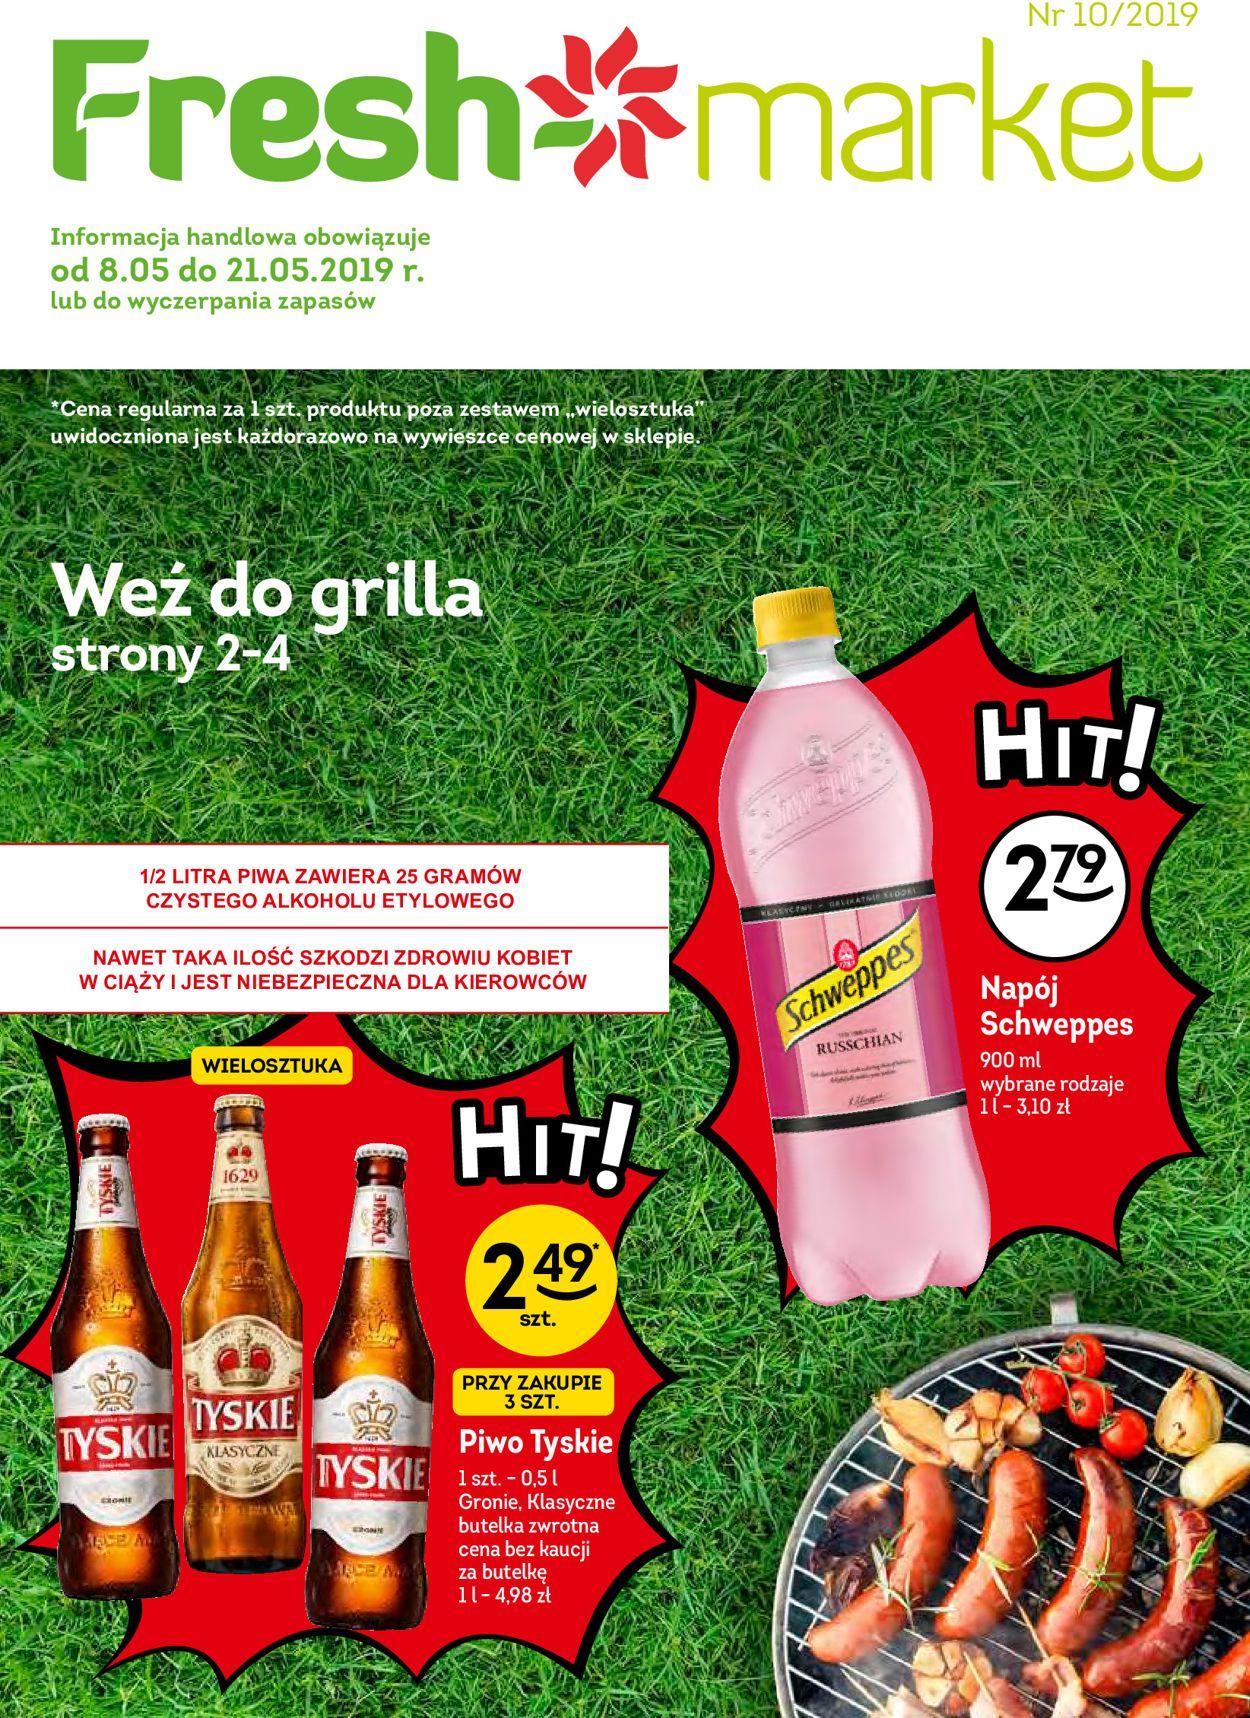 Gazetka promocyjna Fresh market - 08.05-21.05.2019